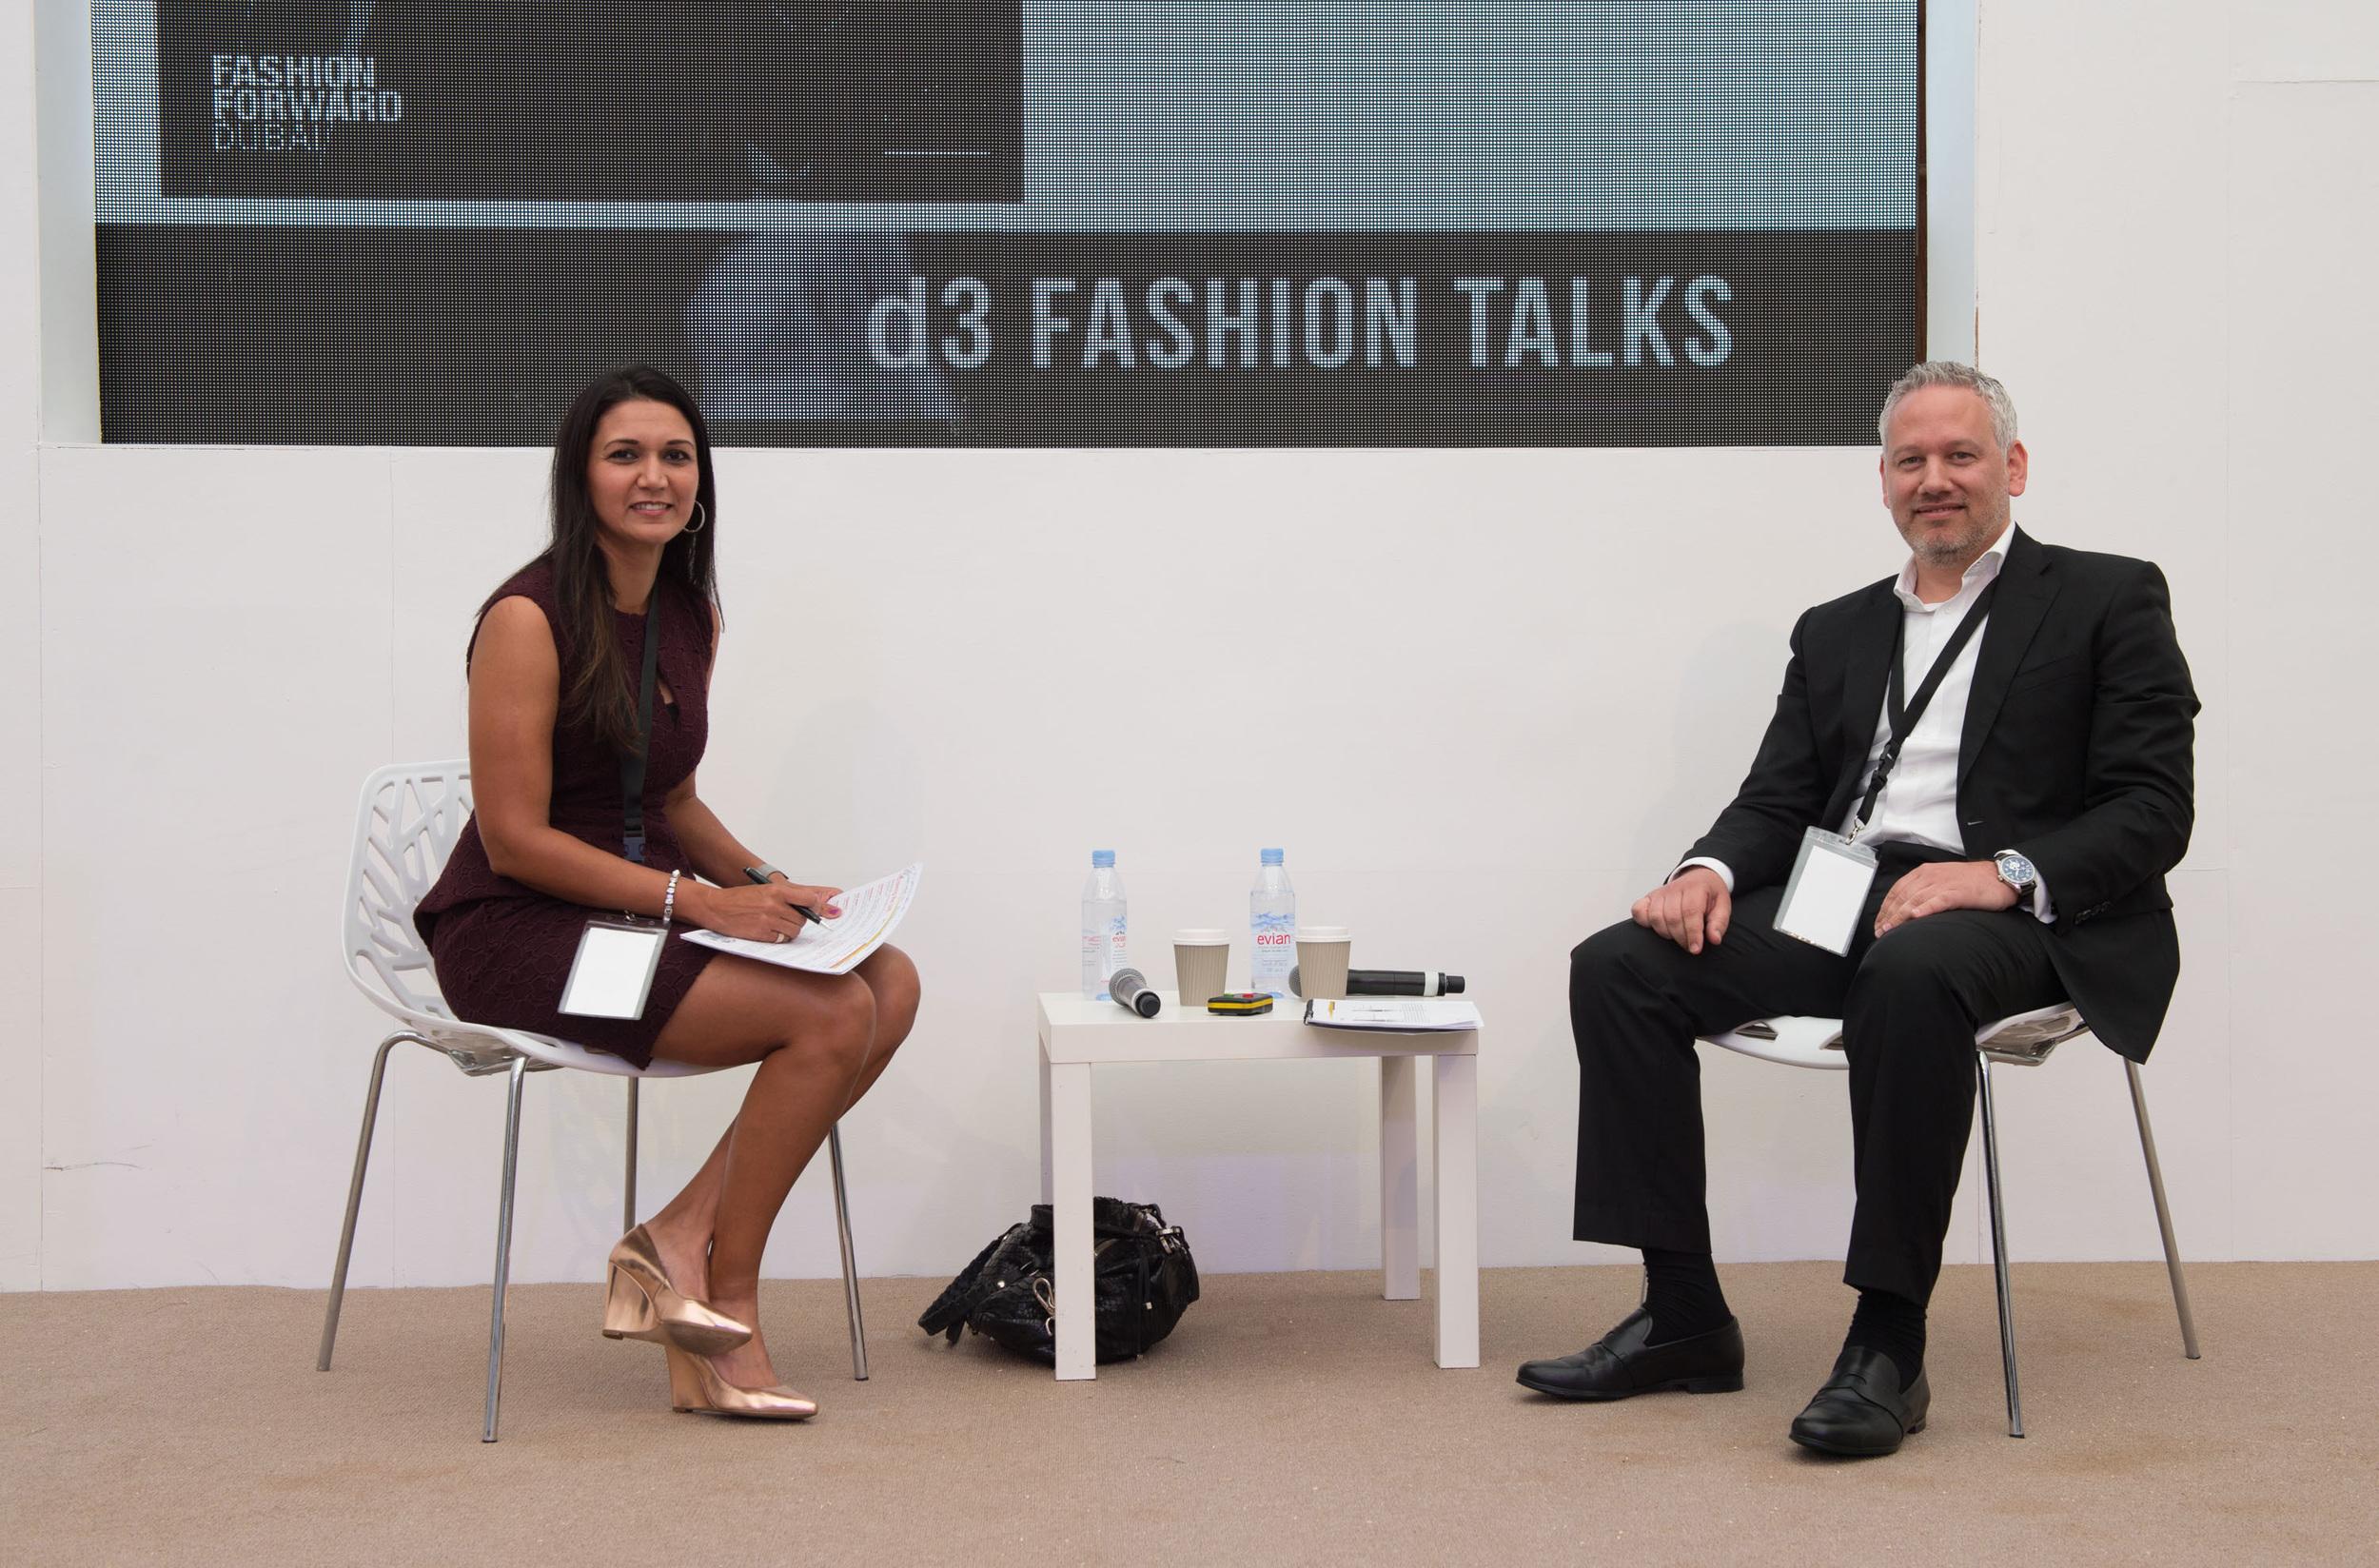 FFWD_Fashion Talk Building Your Fashion Brand_003.JPG